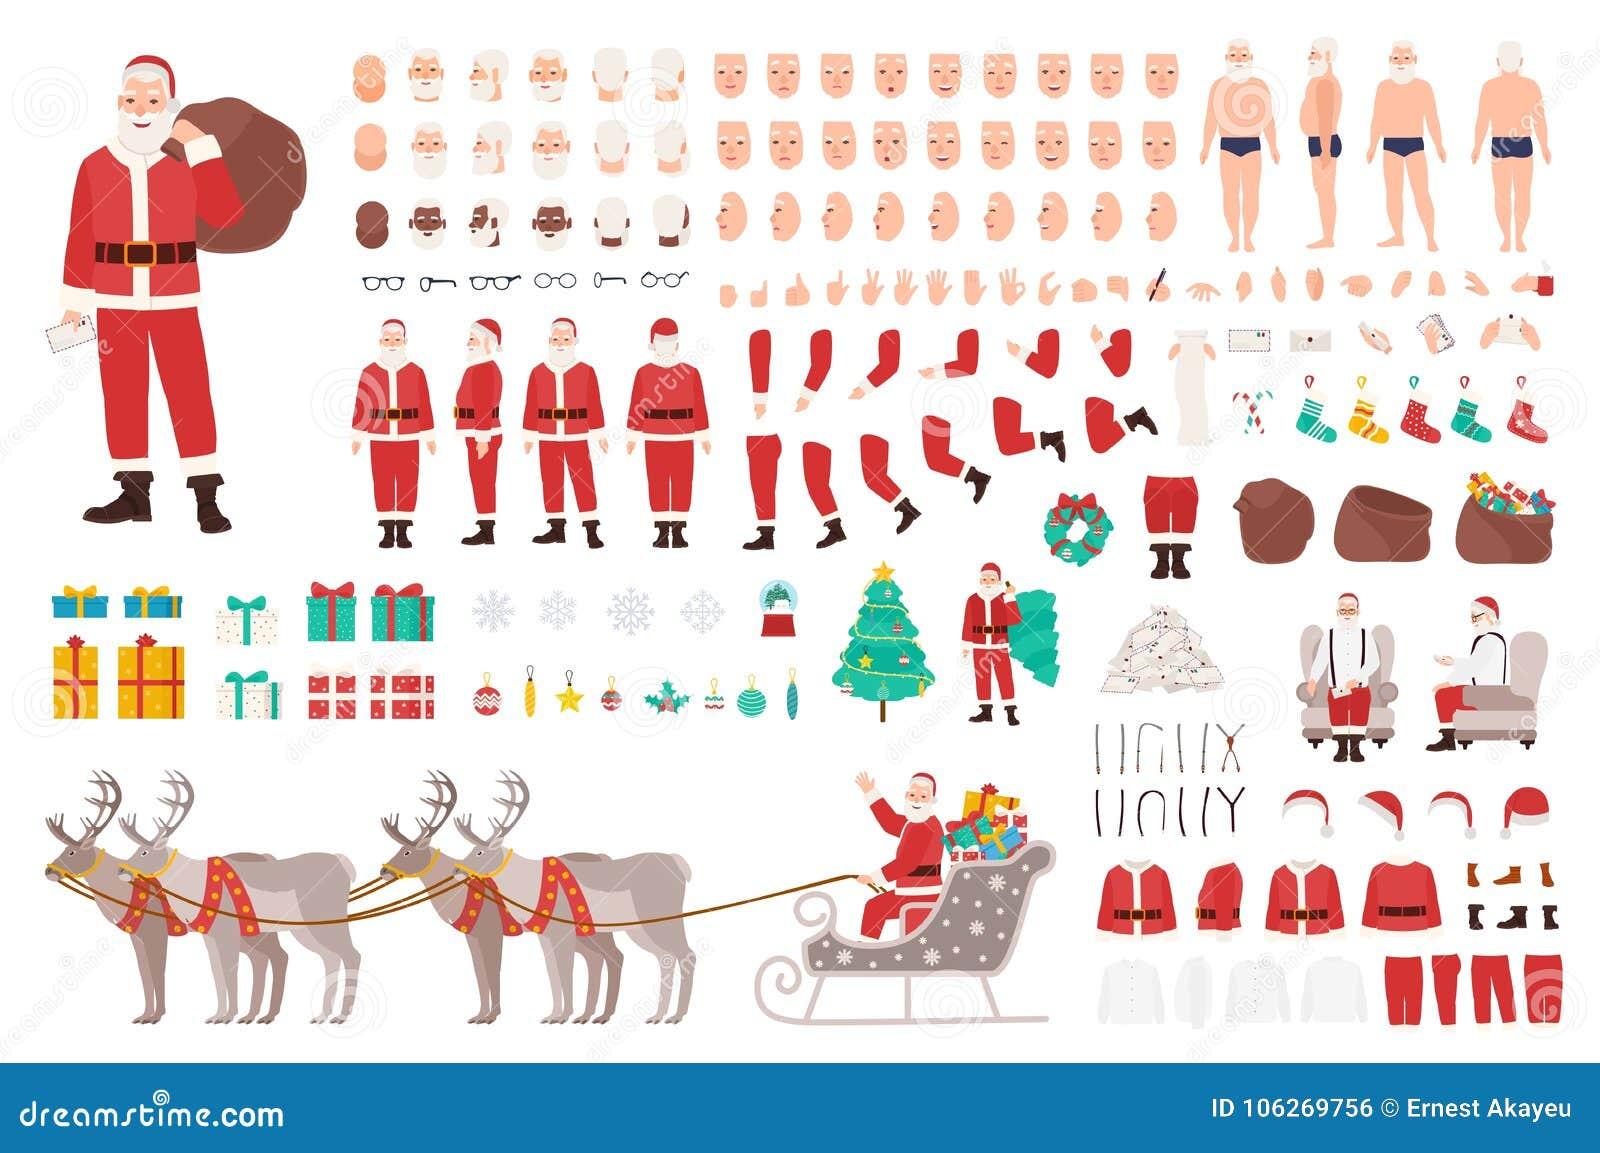 Weihnachtsmann-Erbauer oder DIY-Ausrüstung Sammlung Weihnachtszeichentrickfilm-figur-Körperteile, Kleidung, Feiertagsattribute